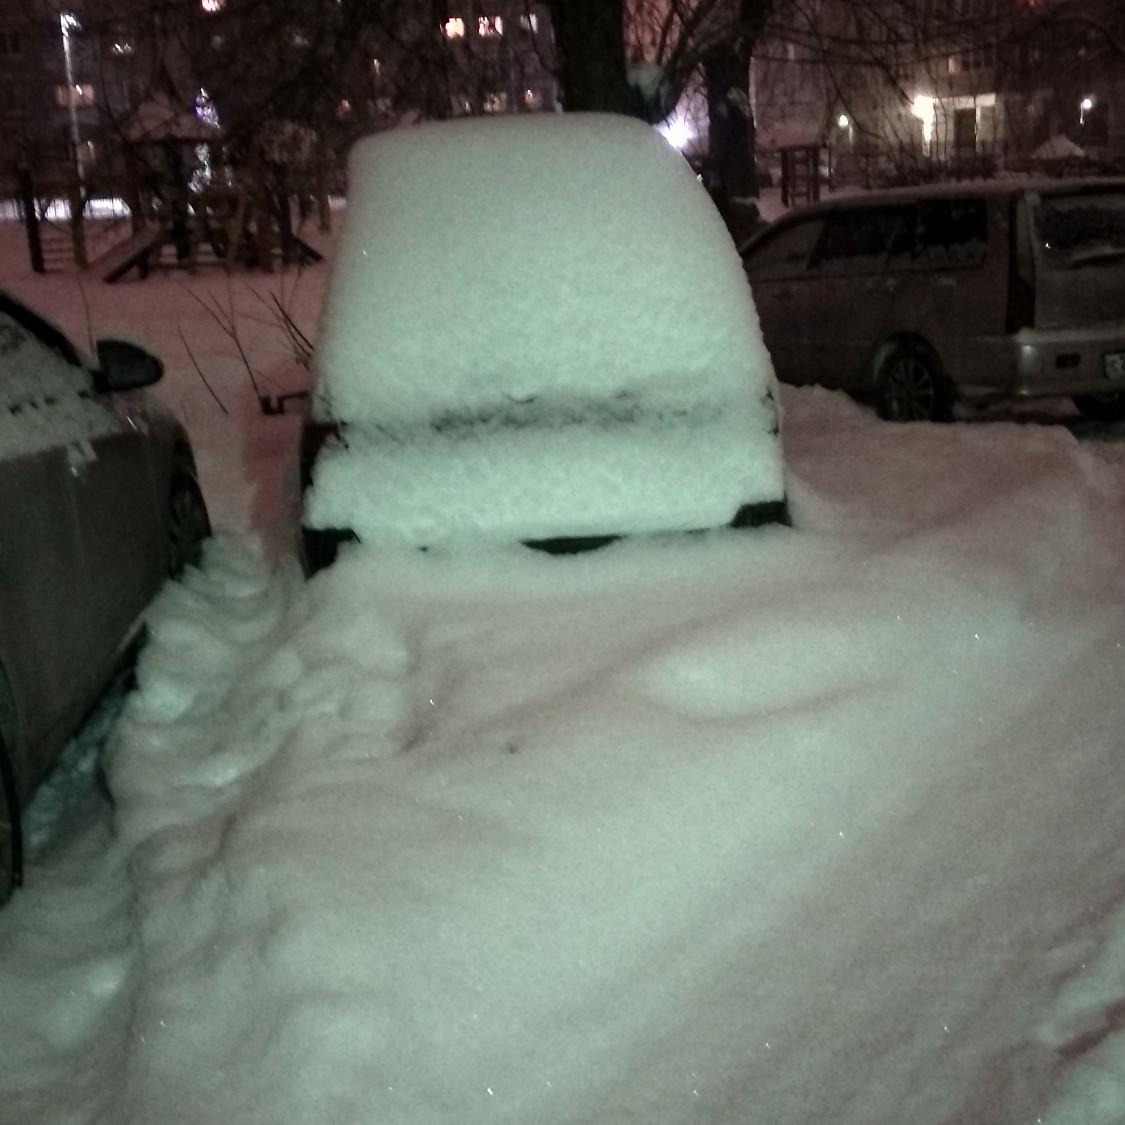 В Свердловской области похолодало до -44°С: мы следили за замерзающим Уралом в режиме онлайн